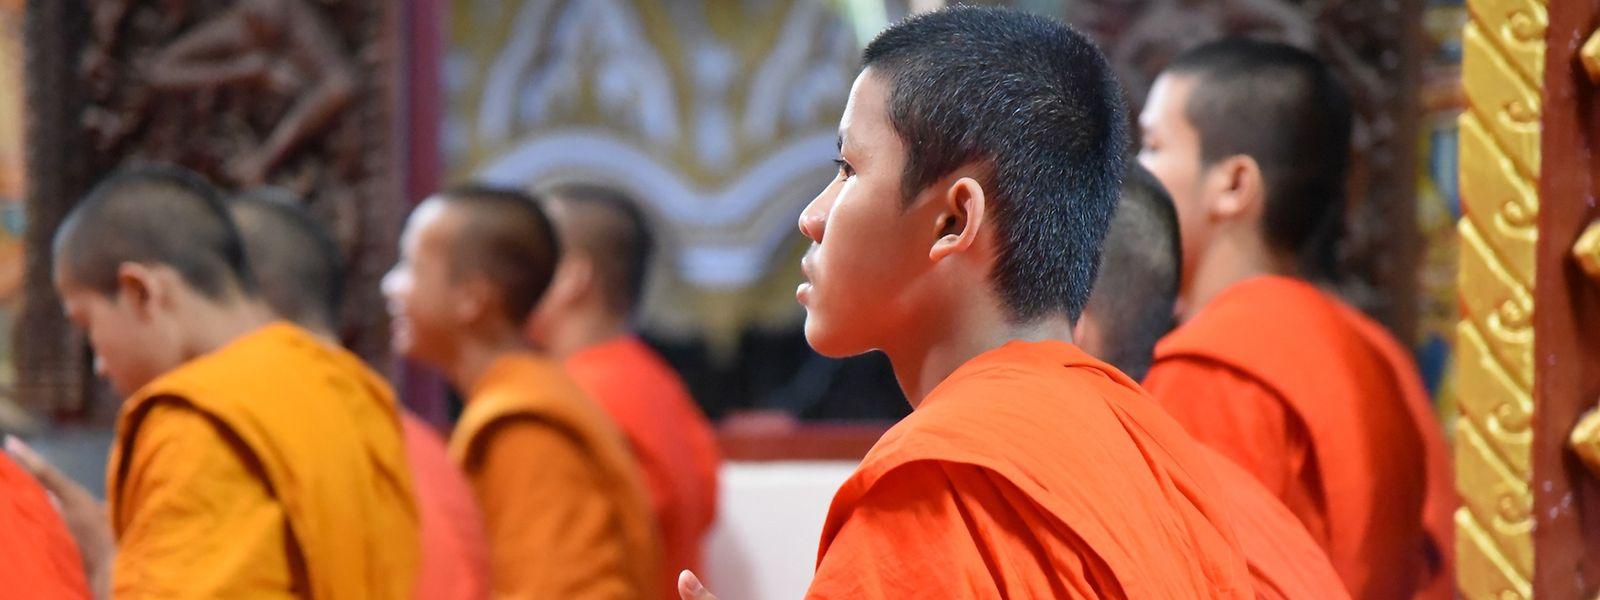 Für Anuvong und viele weitere Jugendliche ist das Leben im Kloster ein Ausweg aus der Armut.